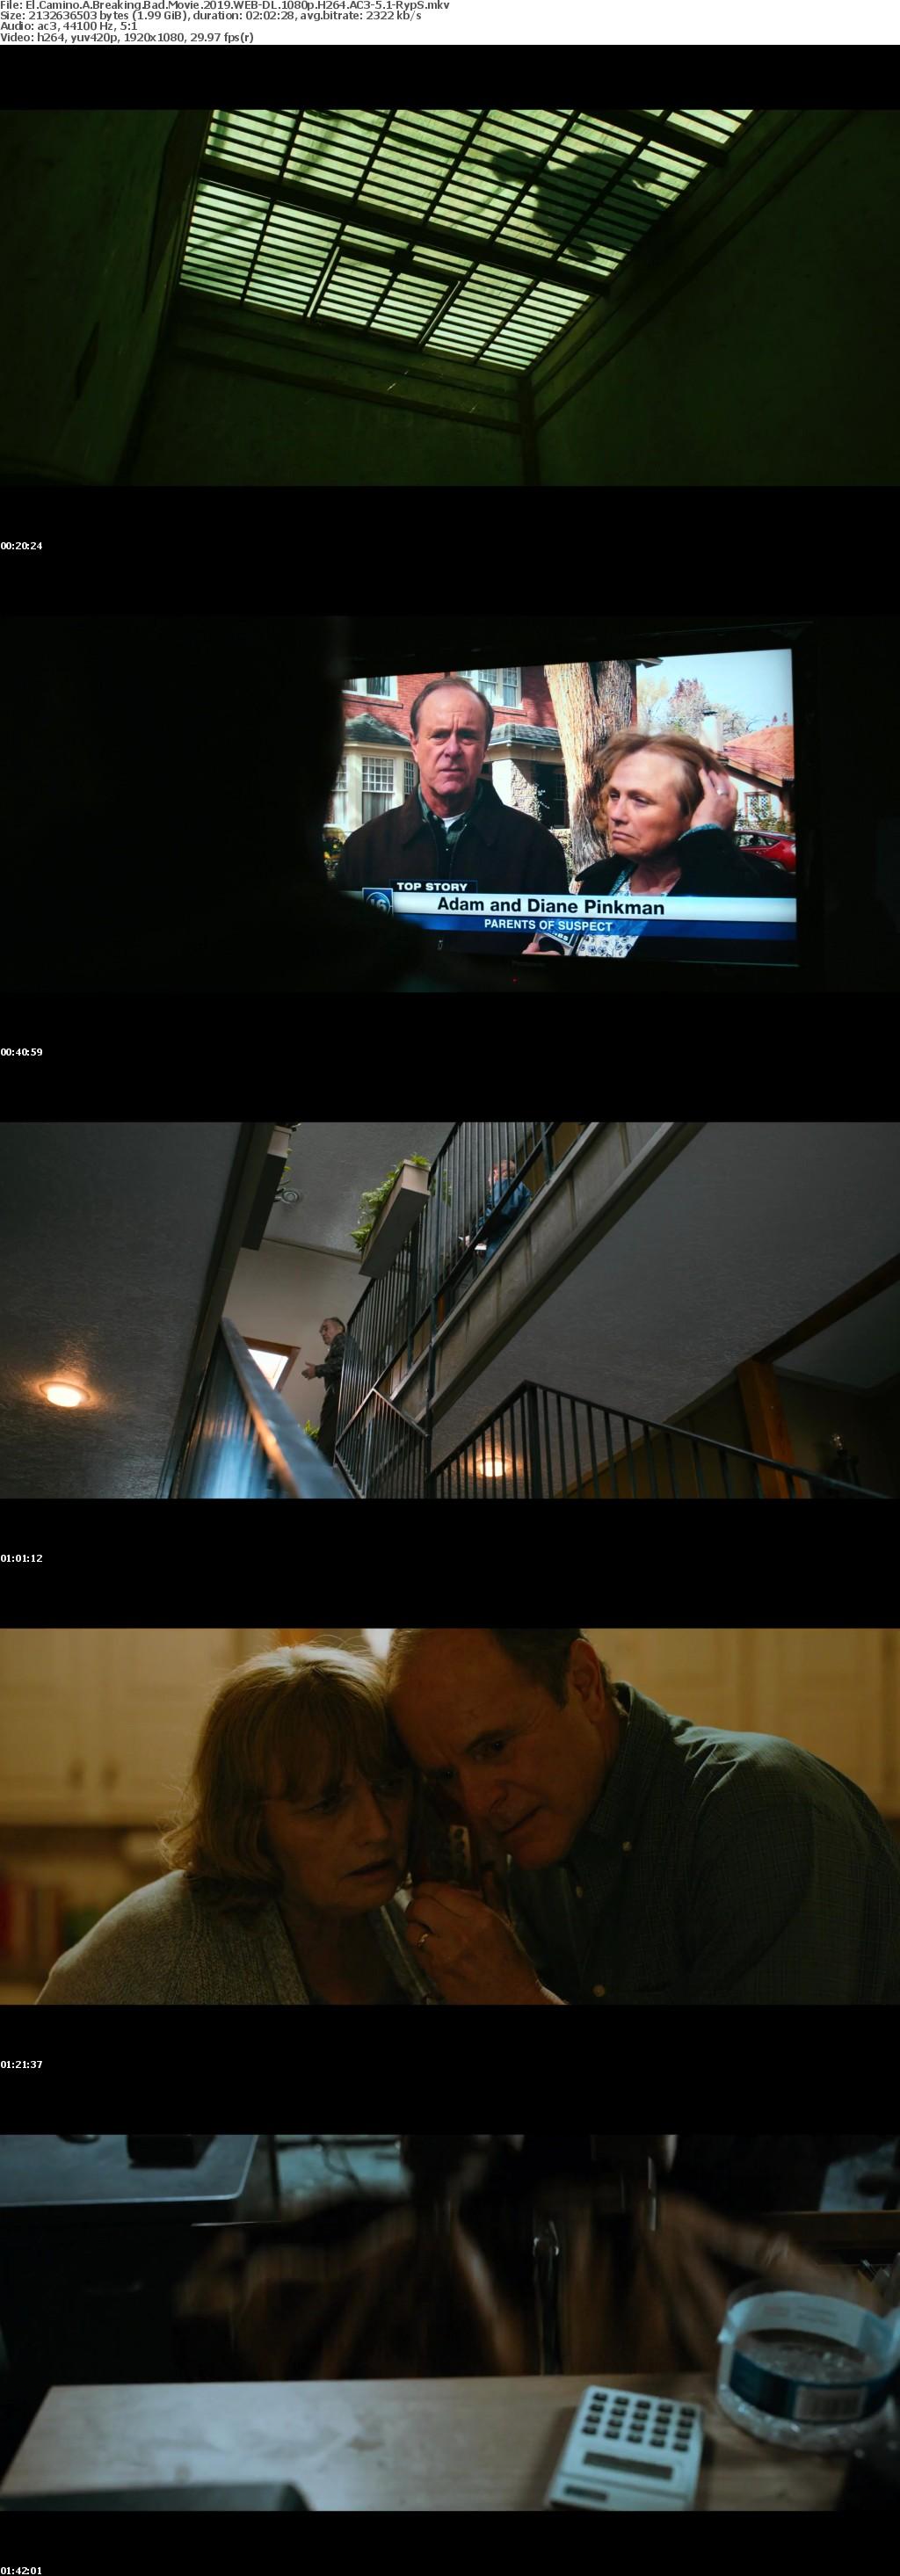 El Camino A Breaking Bad Movie 2019 WEB-DL 1080p H264 AC3-5 1-RypS